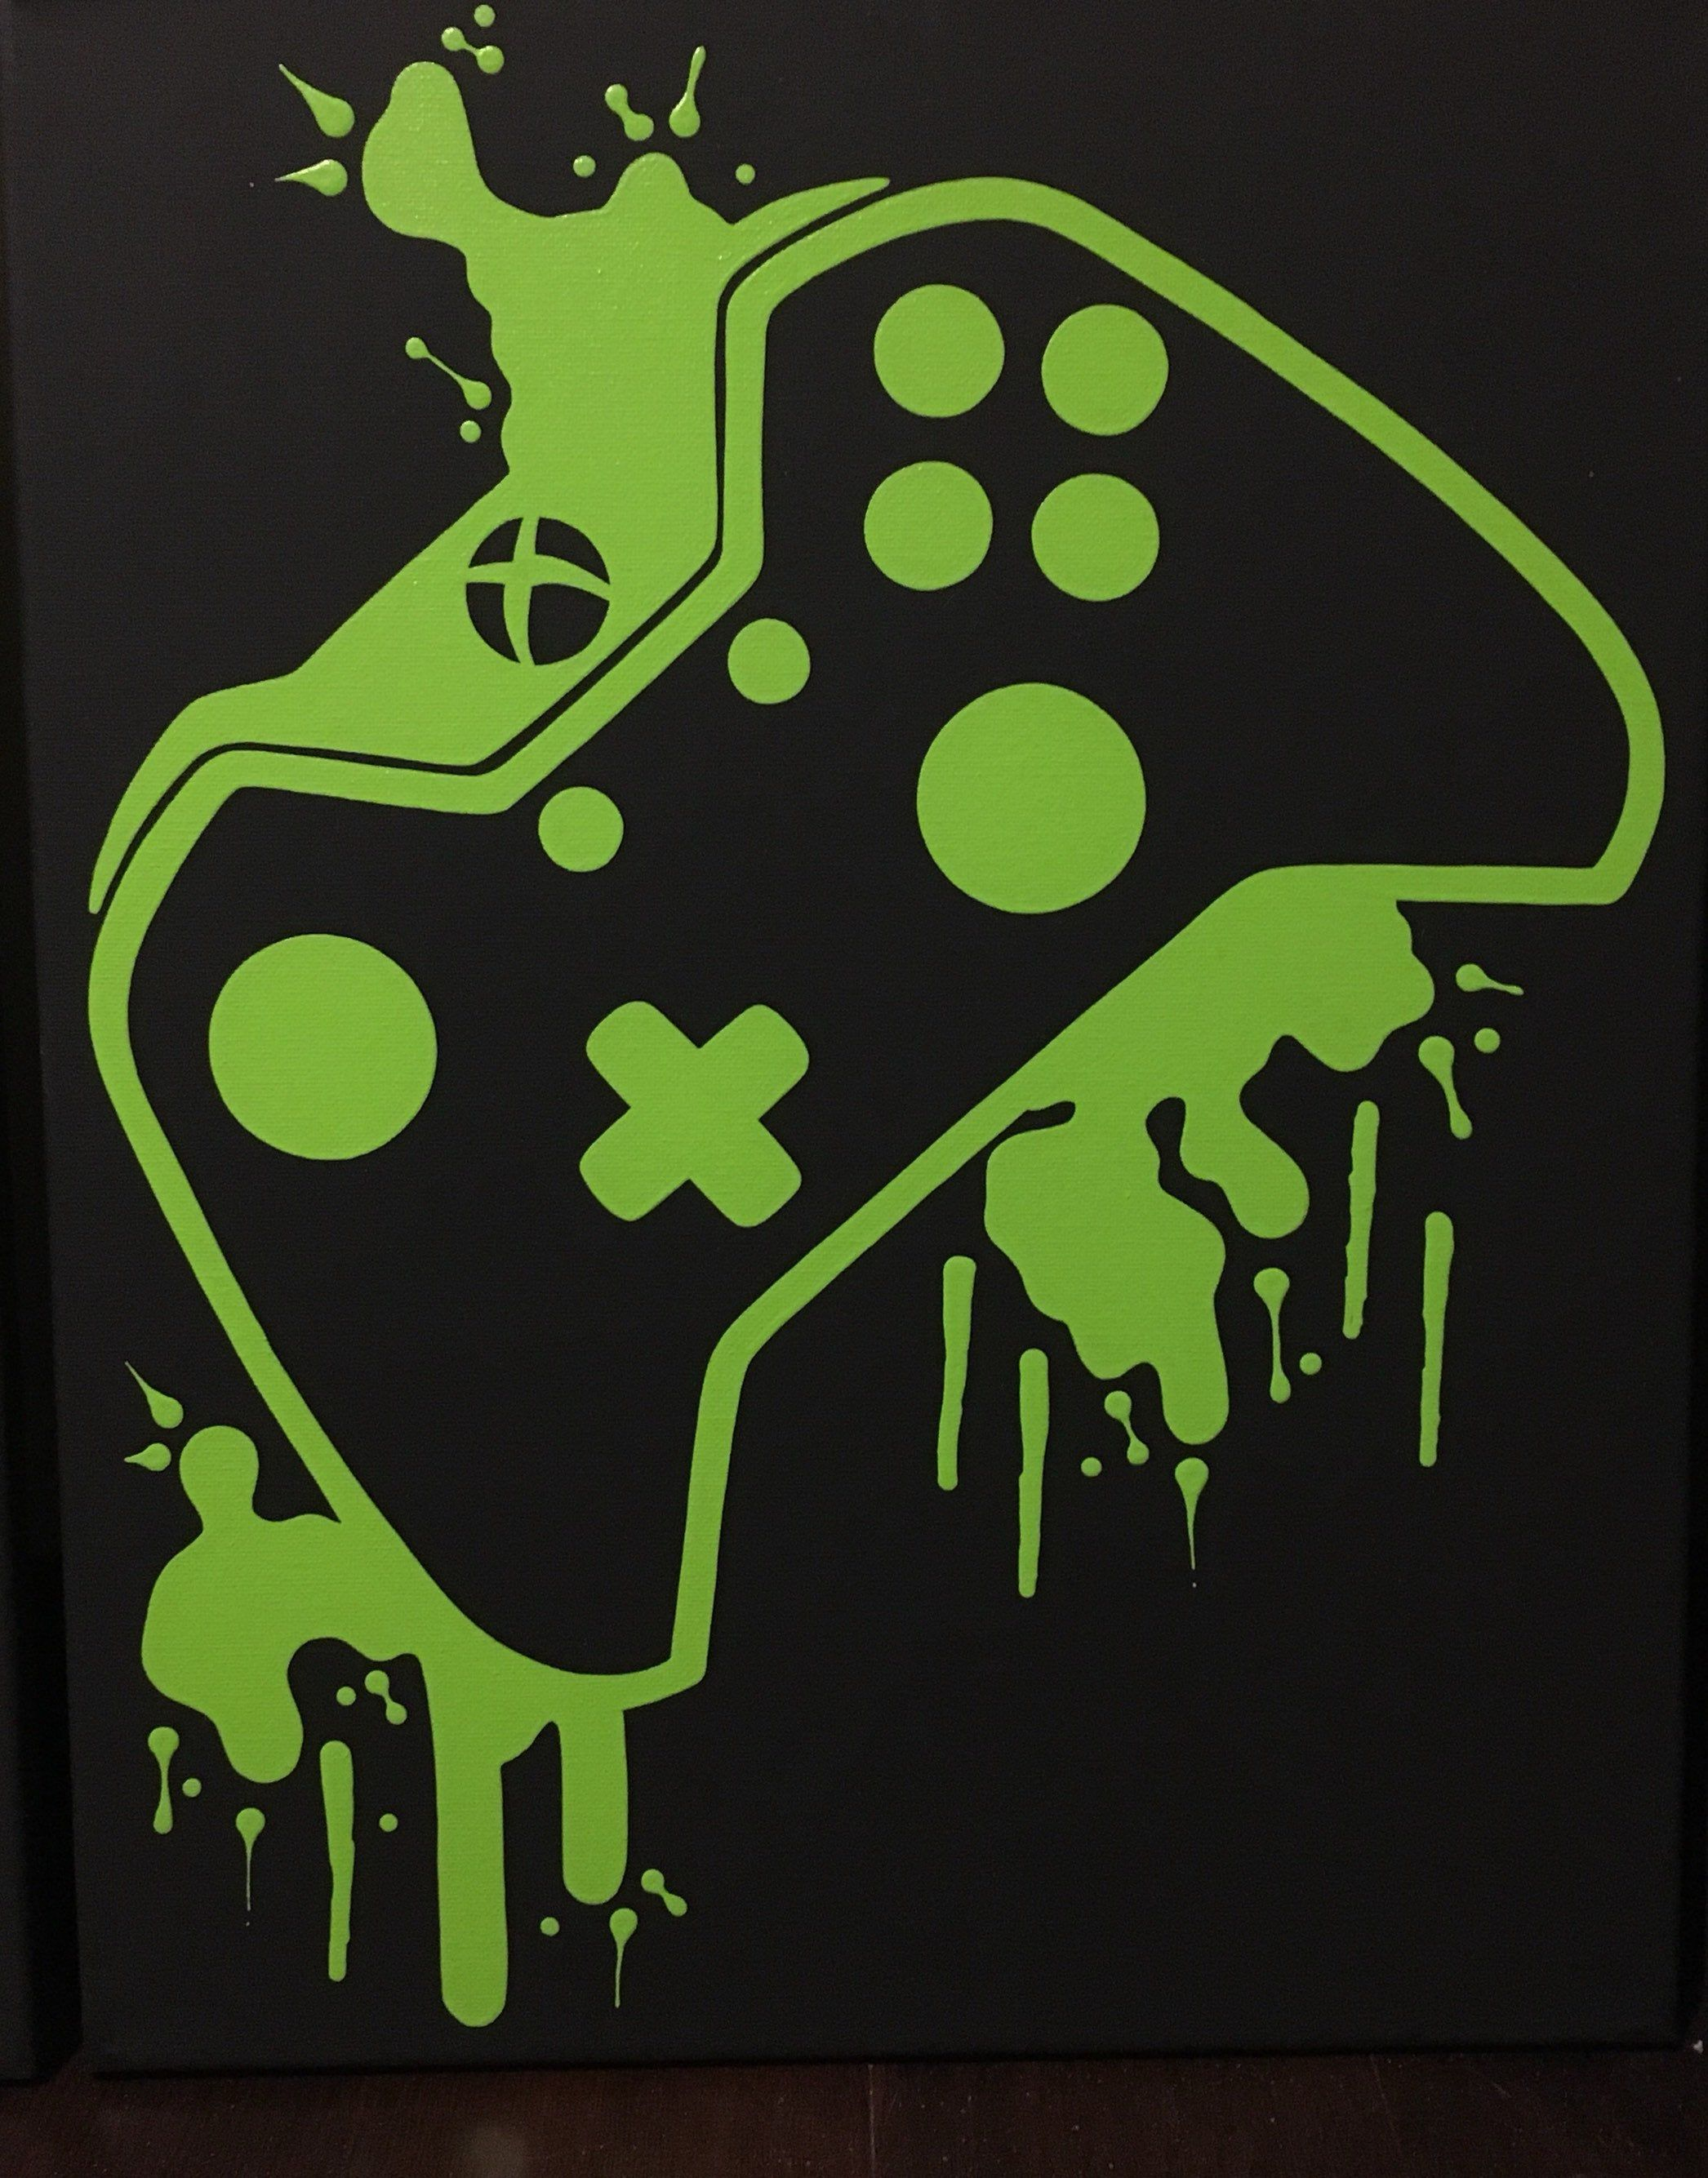 30 Videojuegos Videojuegos Kingdom Hearts 3 Controles De Xbox One